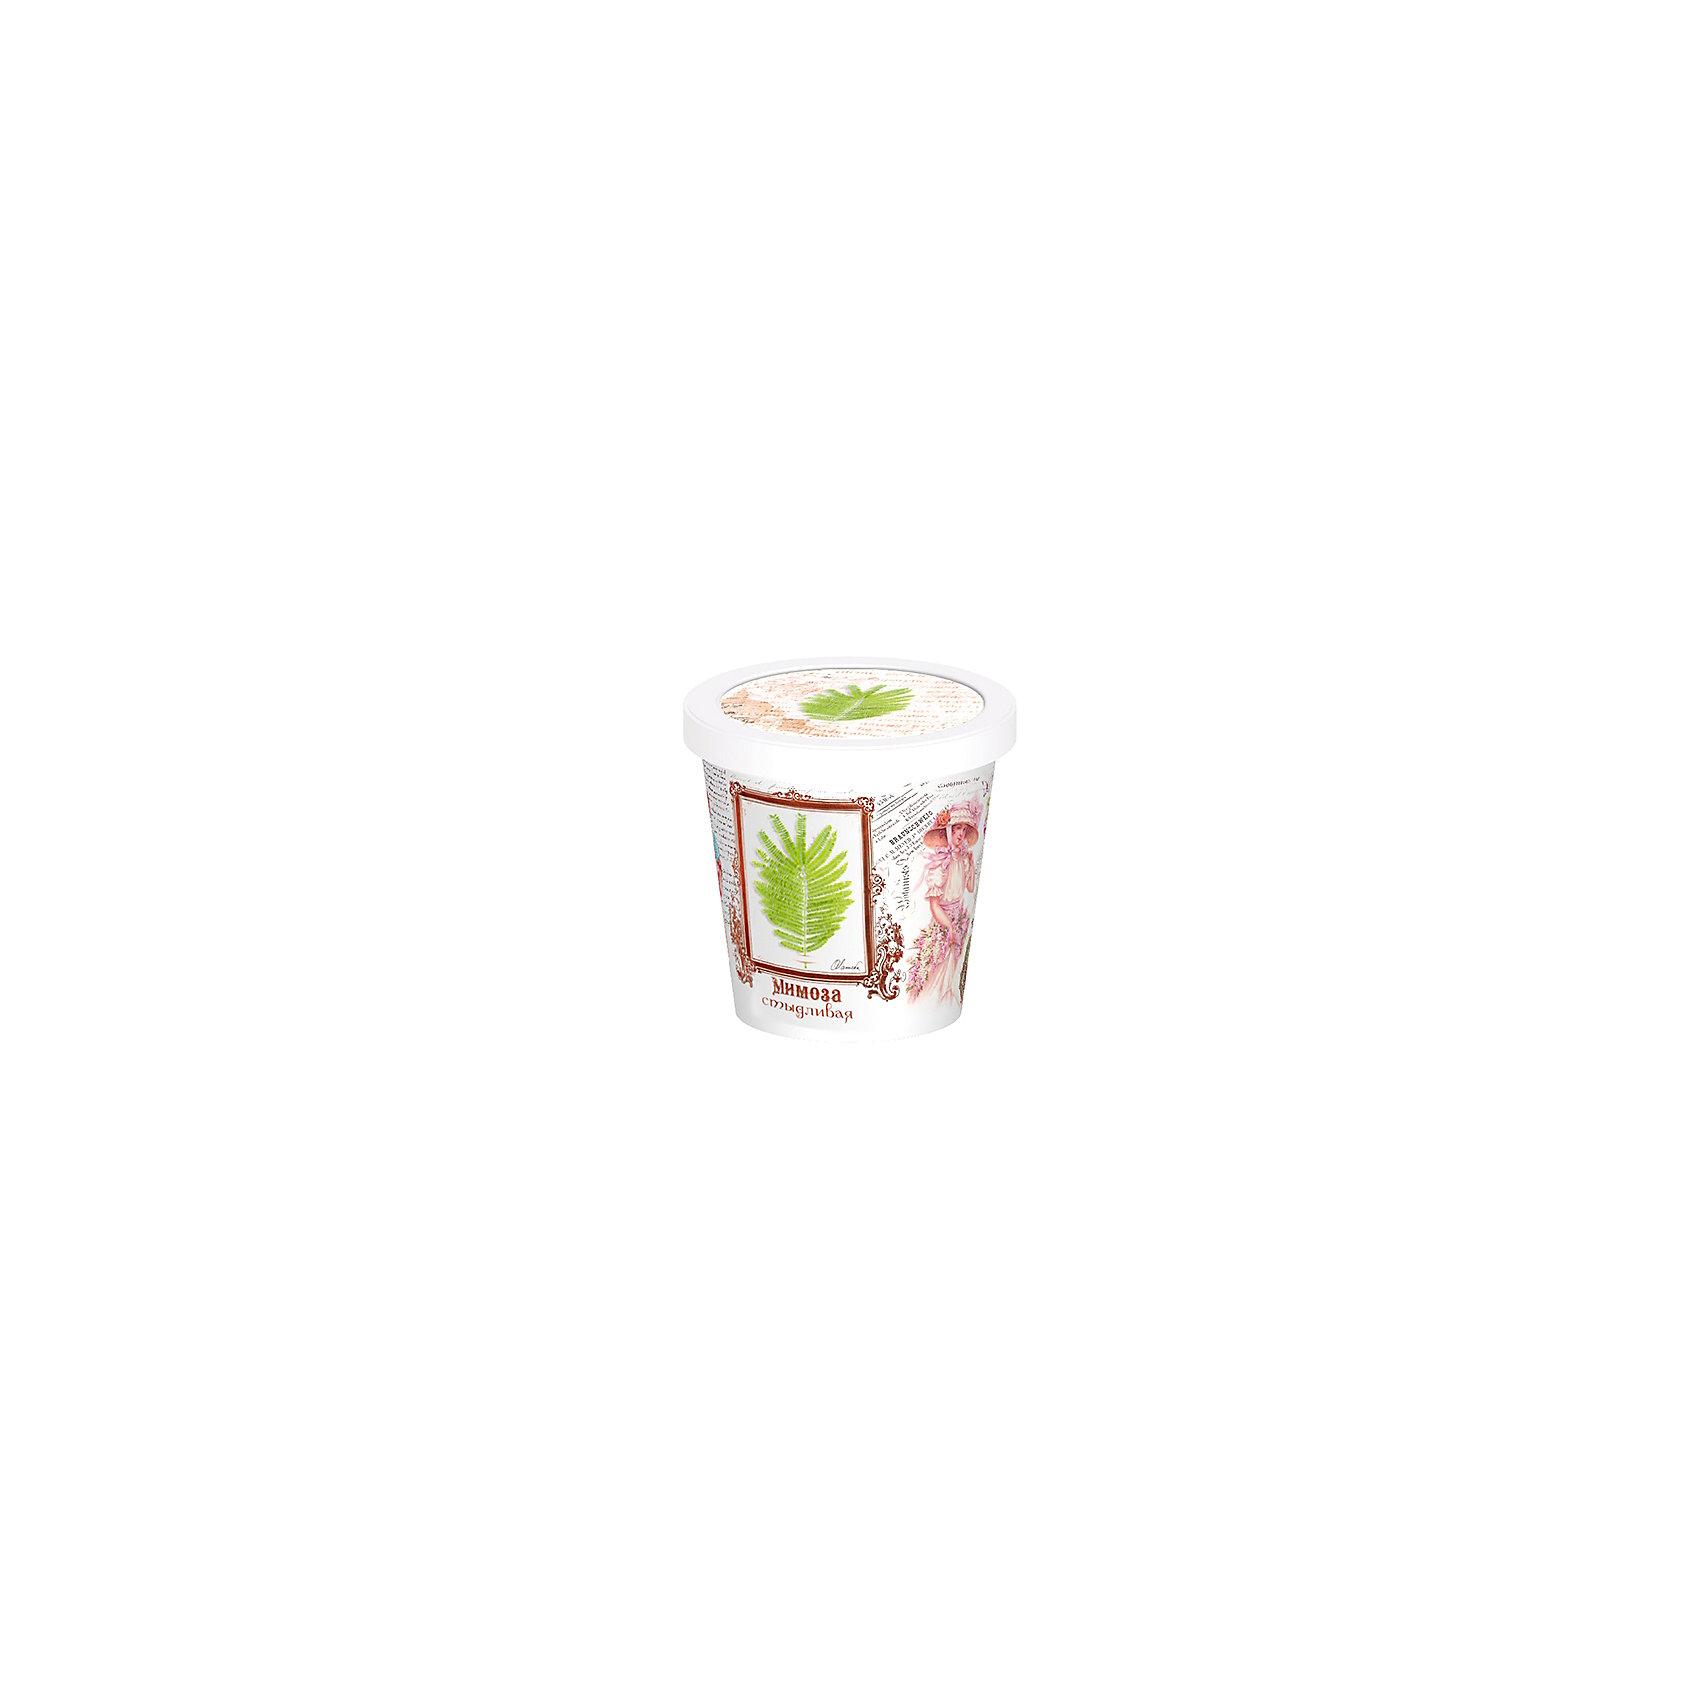 Набор для выращивания Мимоза Rostok VisaНаборы для выращивания растений<br>Мимоза, Rostok Visa.<br><br>Характеристики:<br><br>• вы сможете выращивать растения у себя дома<br>• экологически чистая продукция<br>• не содержит химикаты<br>• отличная всхожесть<br>• приятный дизайн<br>• в комплекте: горшочек, пакет с семенами, грунт, инструкция<br>• размер упаковки: 7,5х7,5х12 см<br>• вес: 275 грамм<br><br>Если вы хотите продлить дачный сезон, то набор Мимоза отлично подойдет вам! С его помощью вы сможете вырастить мимозу в домашних условиях. Продукция качественная и экологически чистая, что гарантирует высокую всхожесть. Подробная инструкция расскажет как правильно ухаживать за растением. Прекрасный подарок любителям садоводства!<br><br>Набор Мимоза, Rostok Visa можно купить в нашем интернет-магазине.<br><br>Ширина мм: 120<br>Глубина мм: 75<br>Высота мм: 75<br>Вес г: 267<br>Возраст от месяцев: 168<br>Возраст до месяцев: 240<br>Пол: Унисекс<br>Возраст: Детский<br>SKU: 5053992